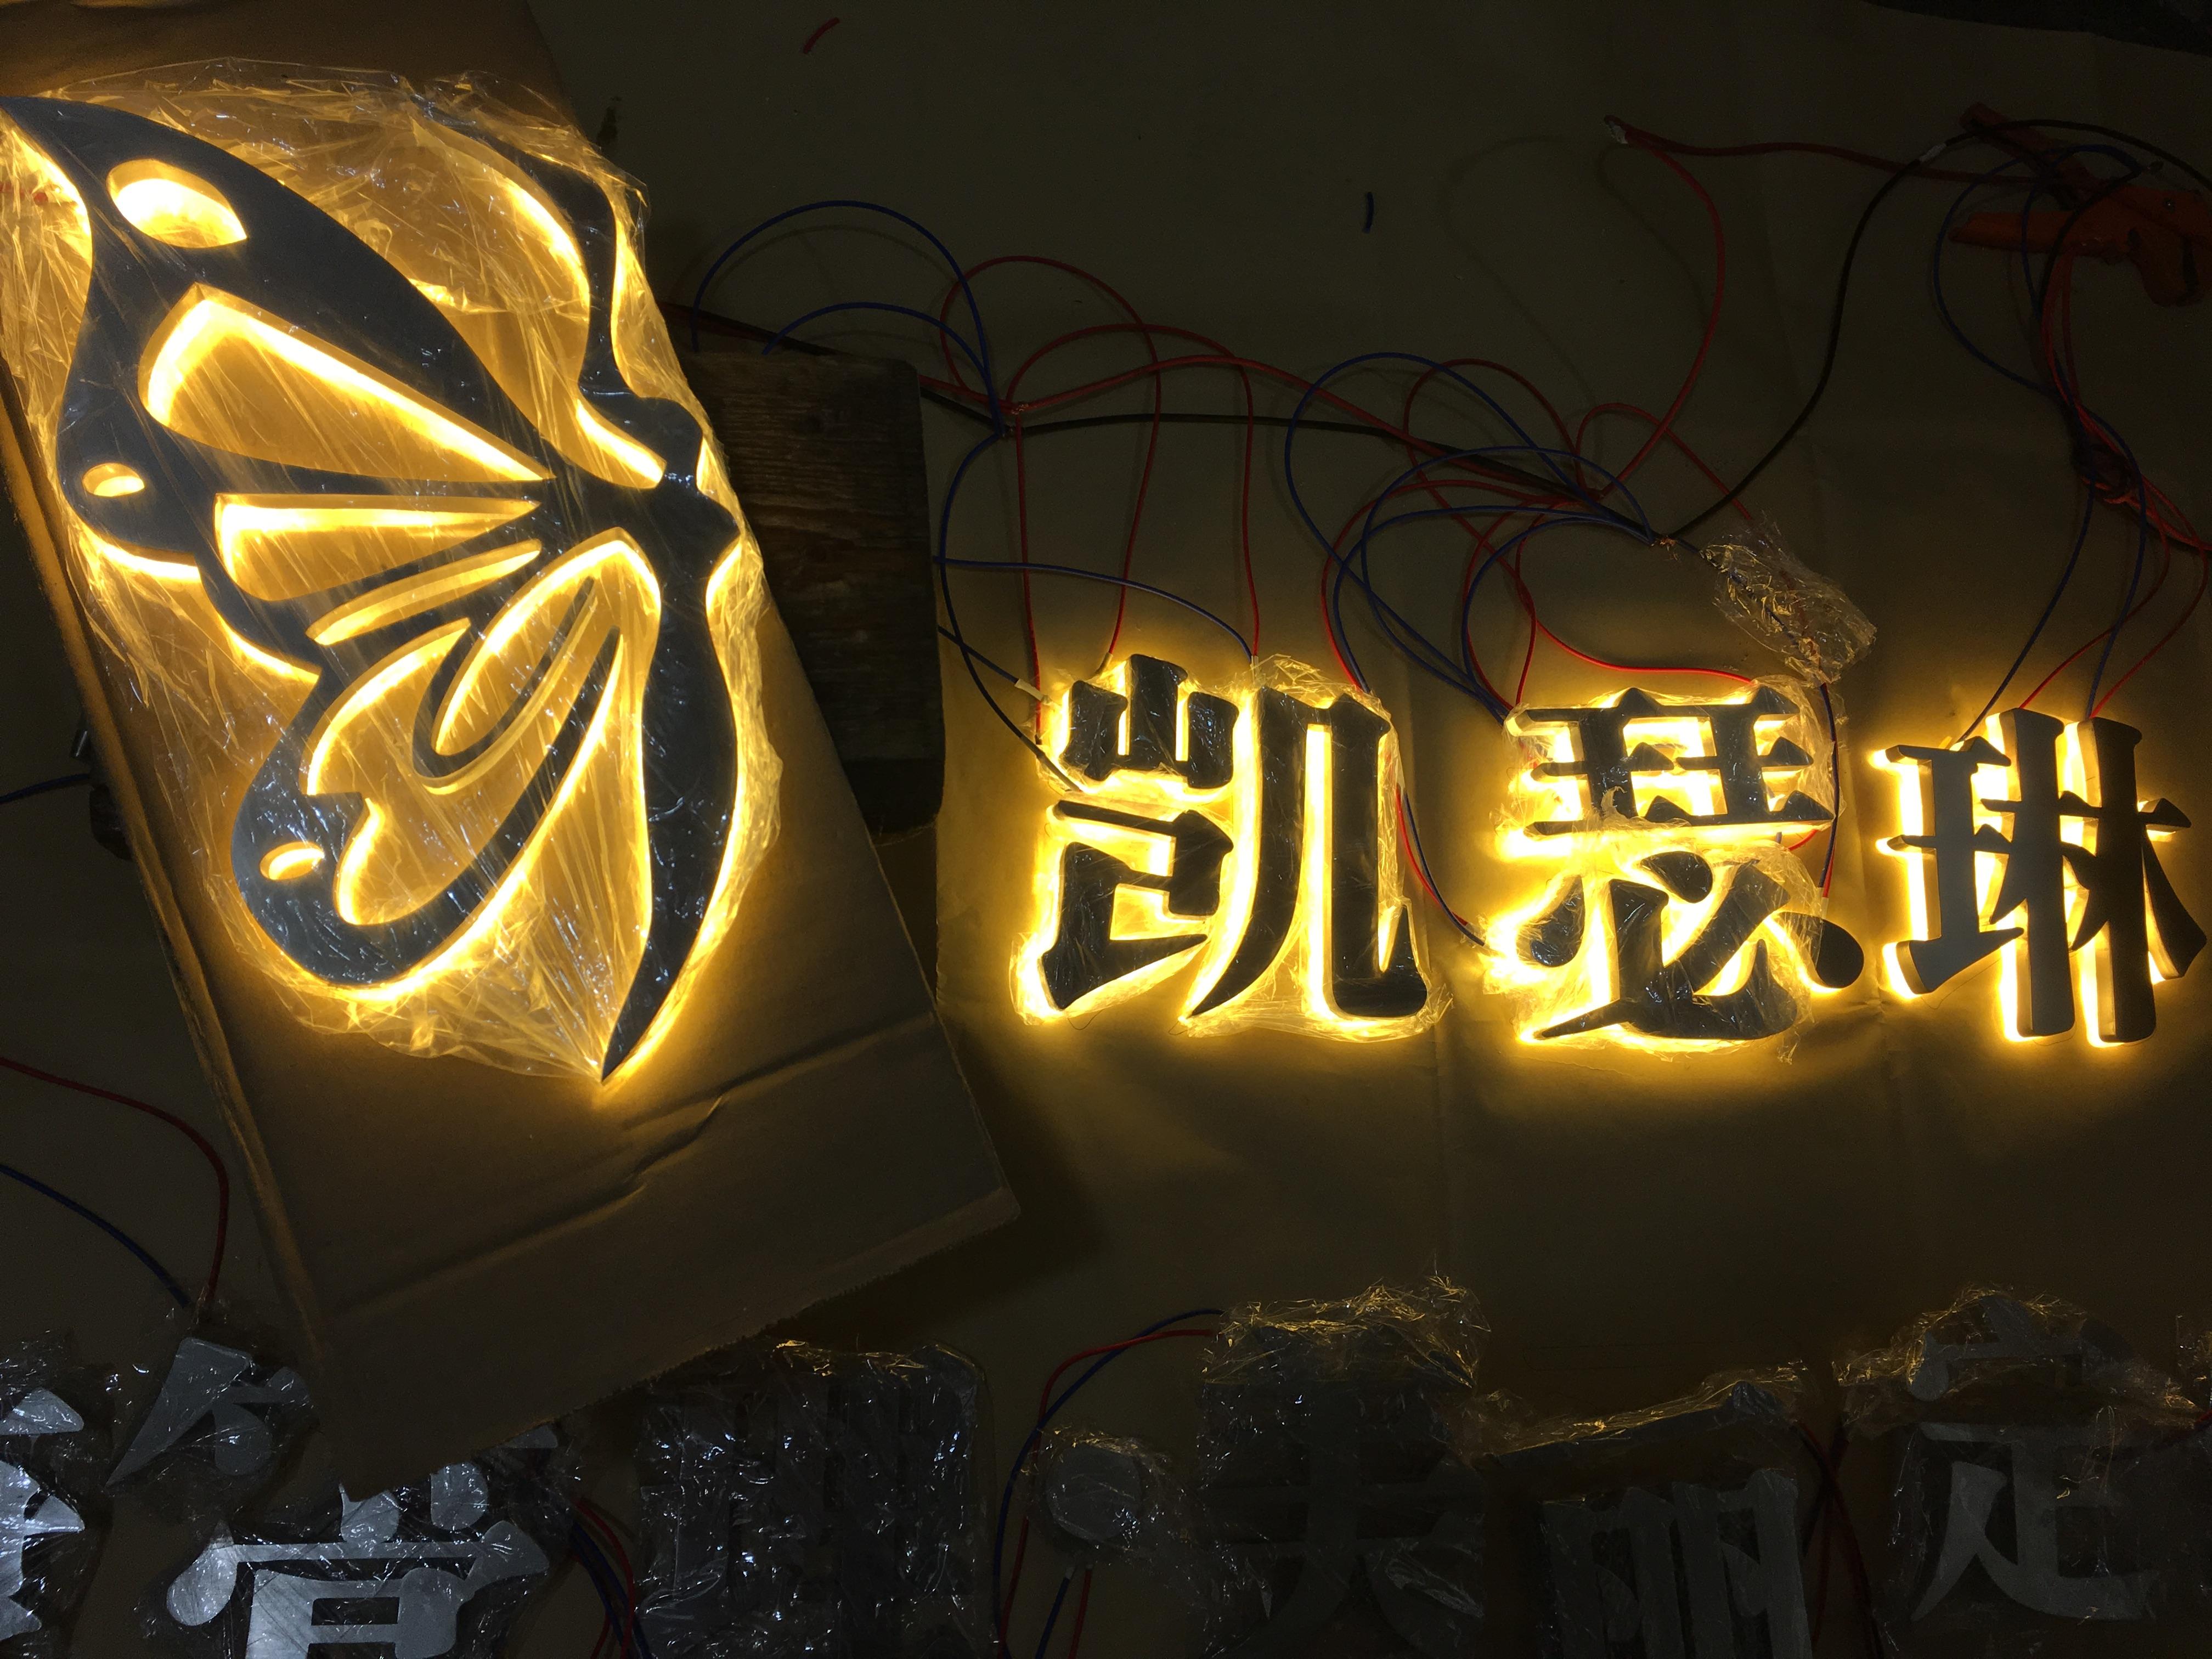 заказ Сеико нержавеющей стали слова обратно сила слова зеркало проволочное бутик слово яркий поверхности изготовление и установку рекламных вывесок слово